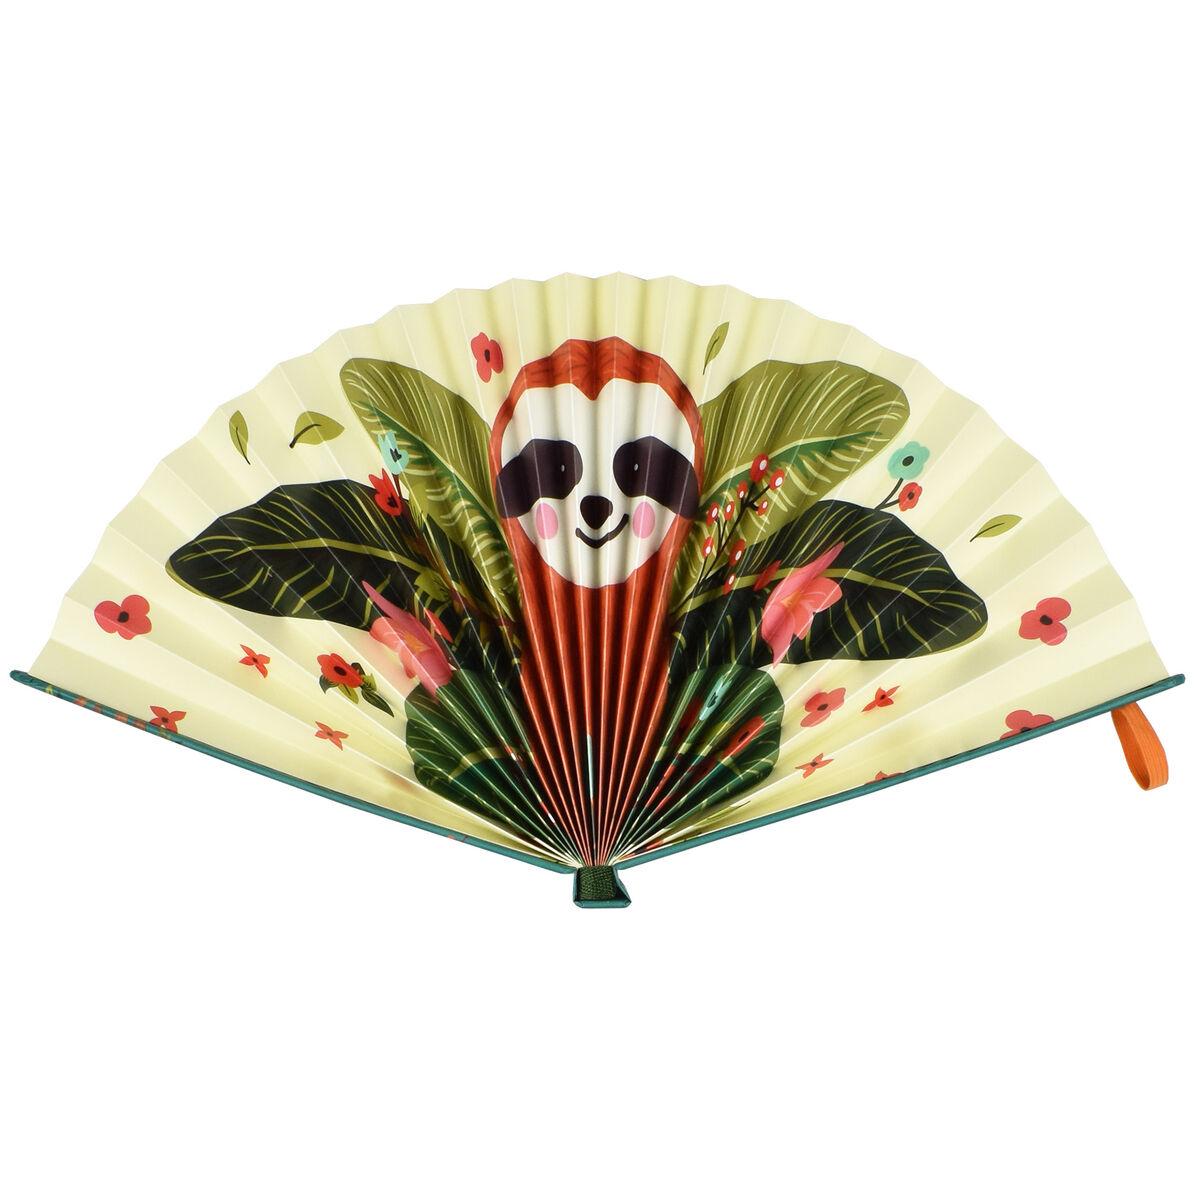 Fiesta&Siesta - Folding Paper Fan, , zoom